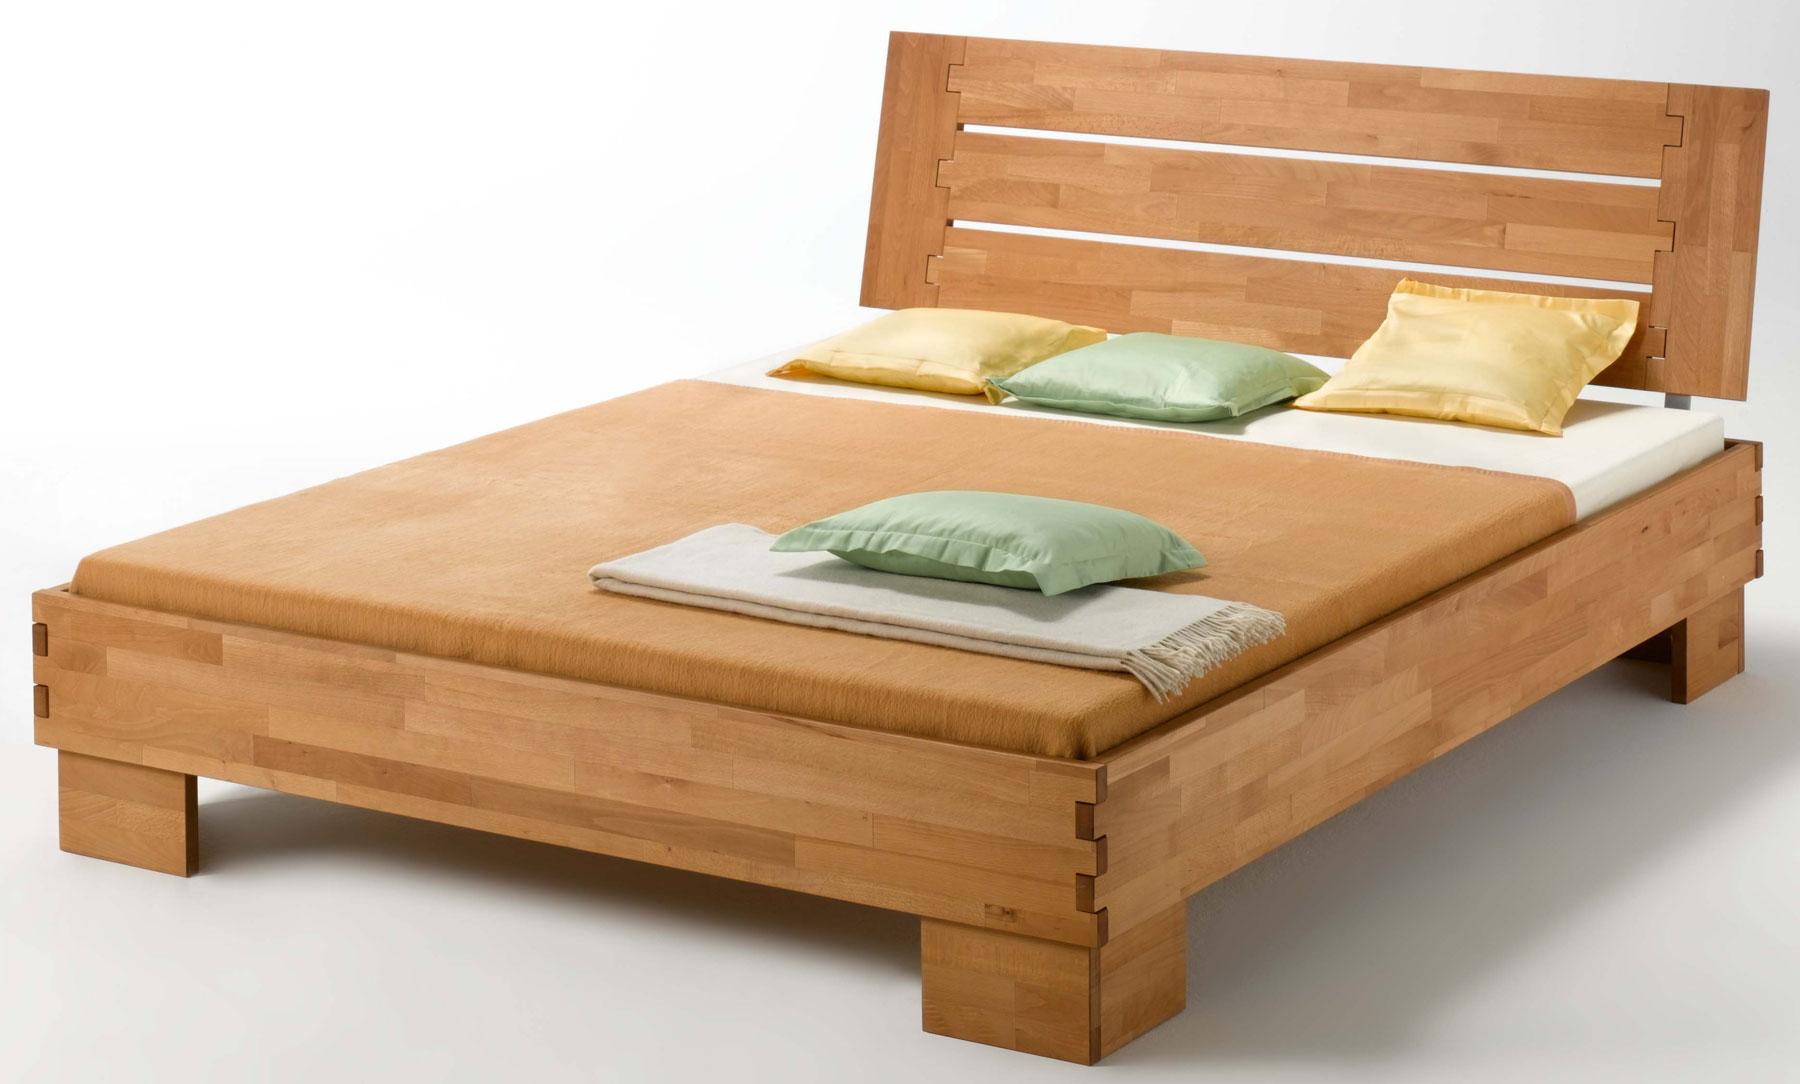 mơ thấy giường đánh con gì